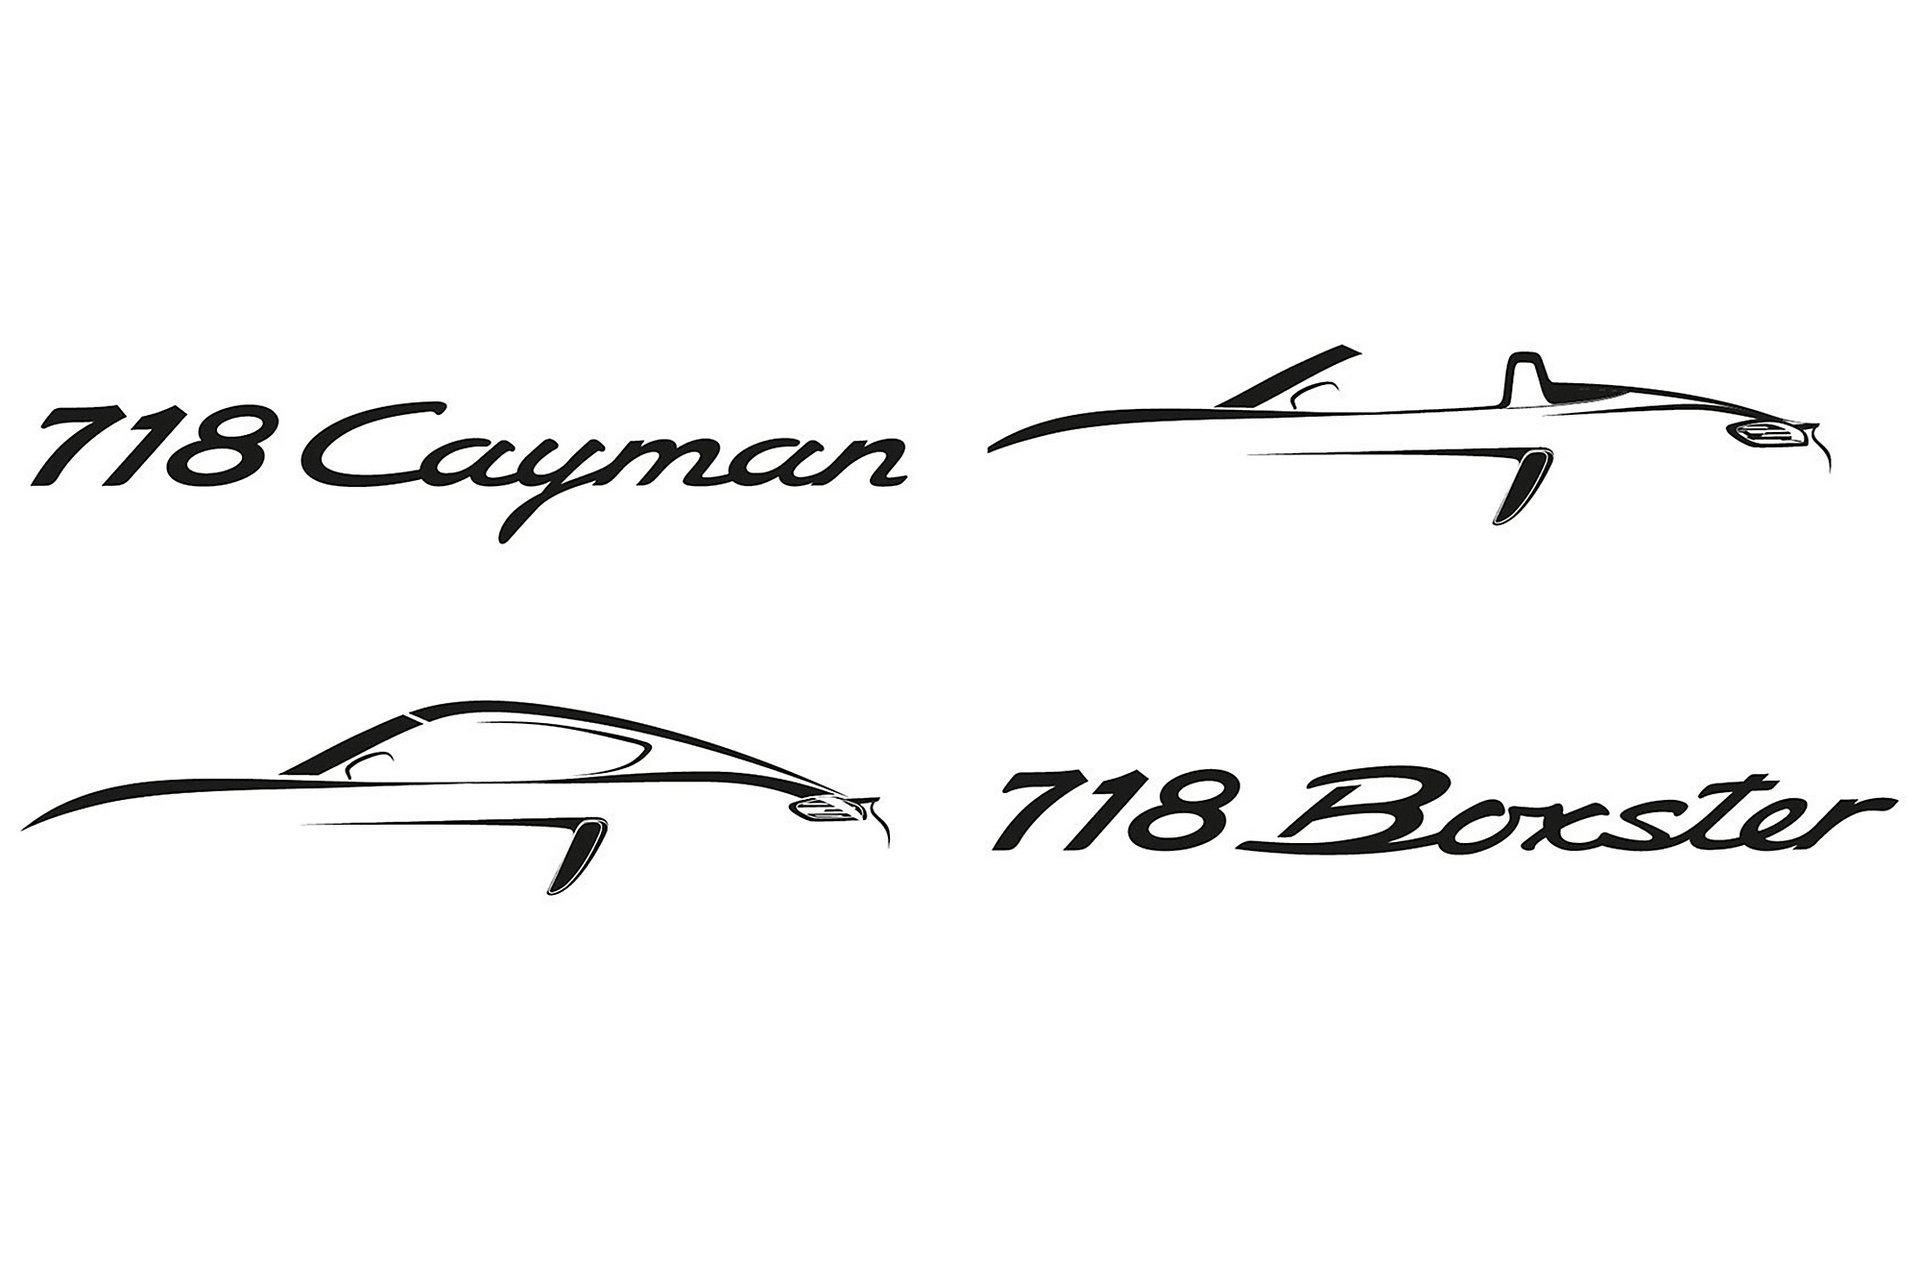 Porsche 718 Boxster E 718 Cayman